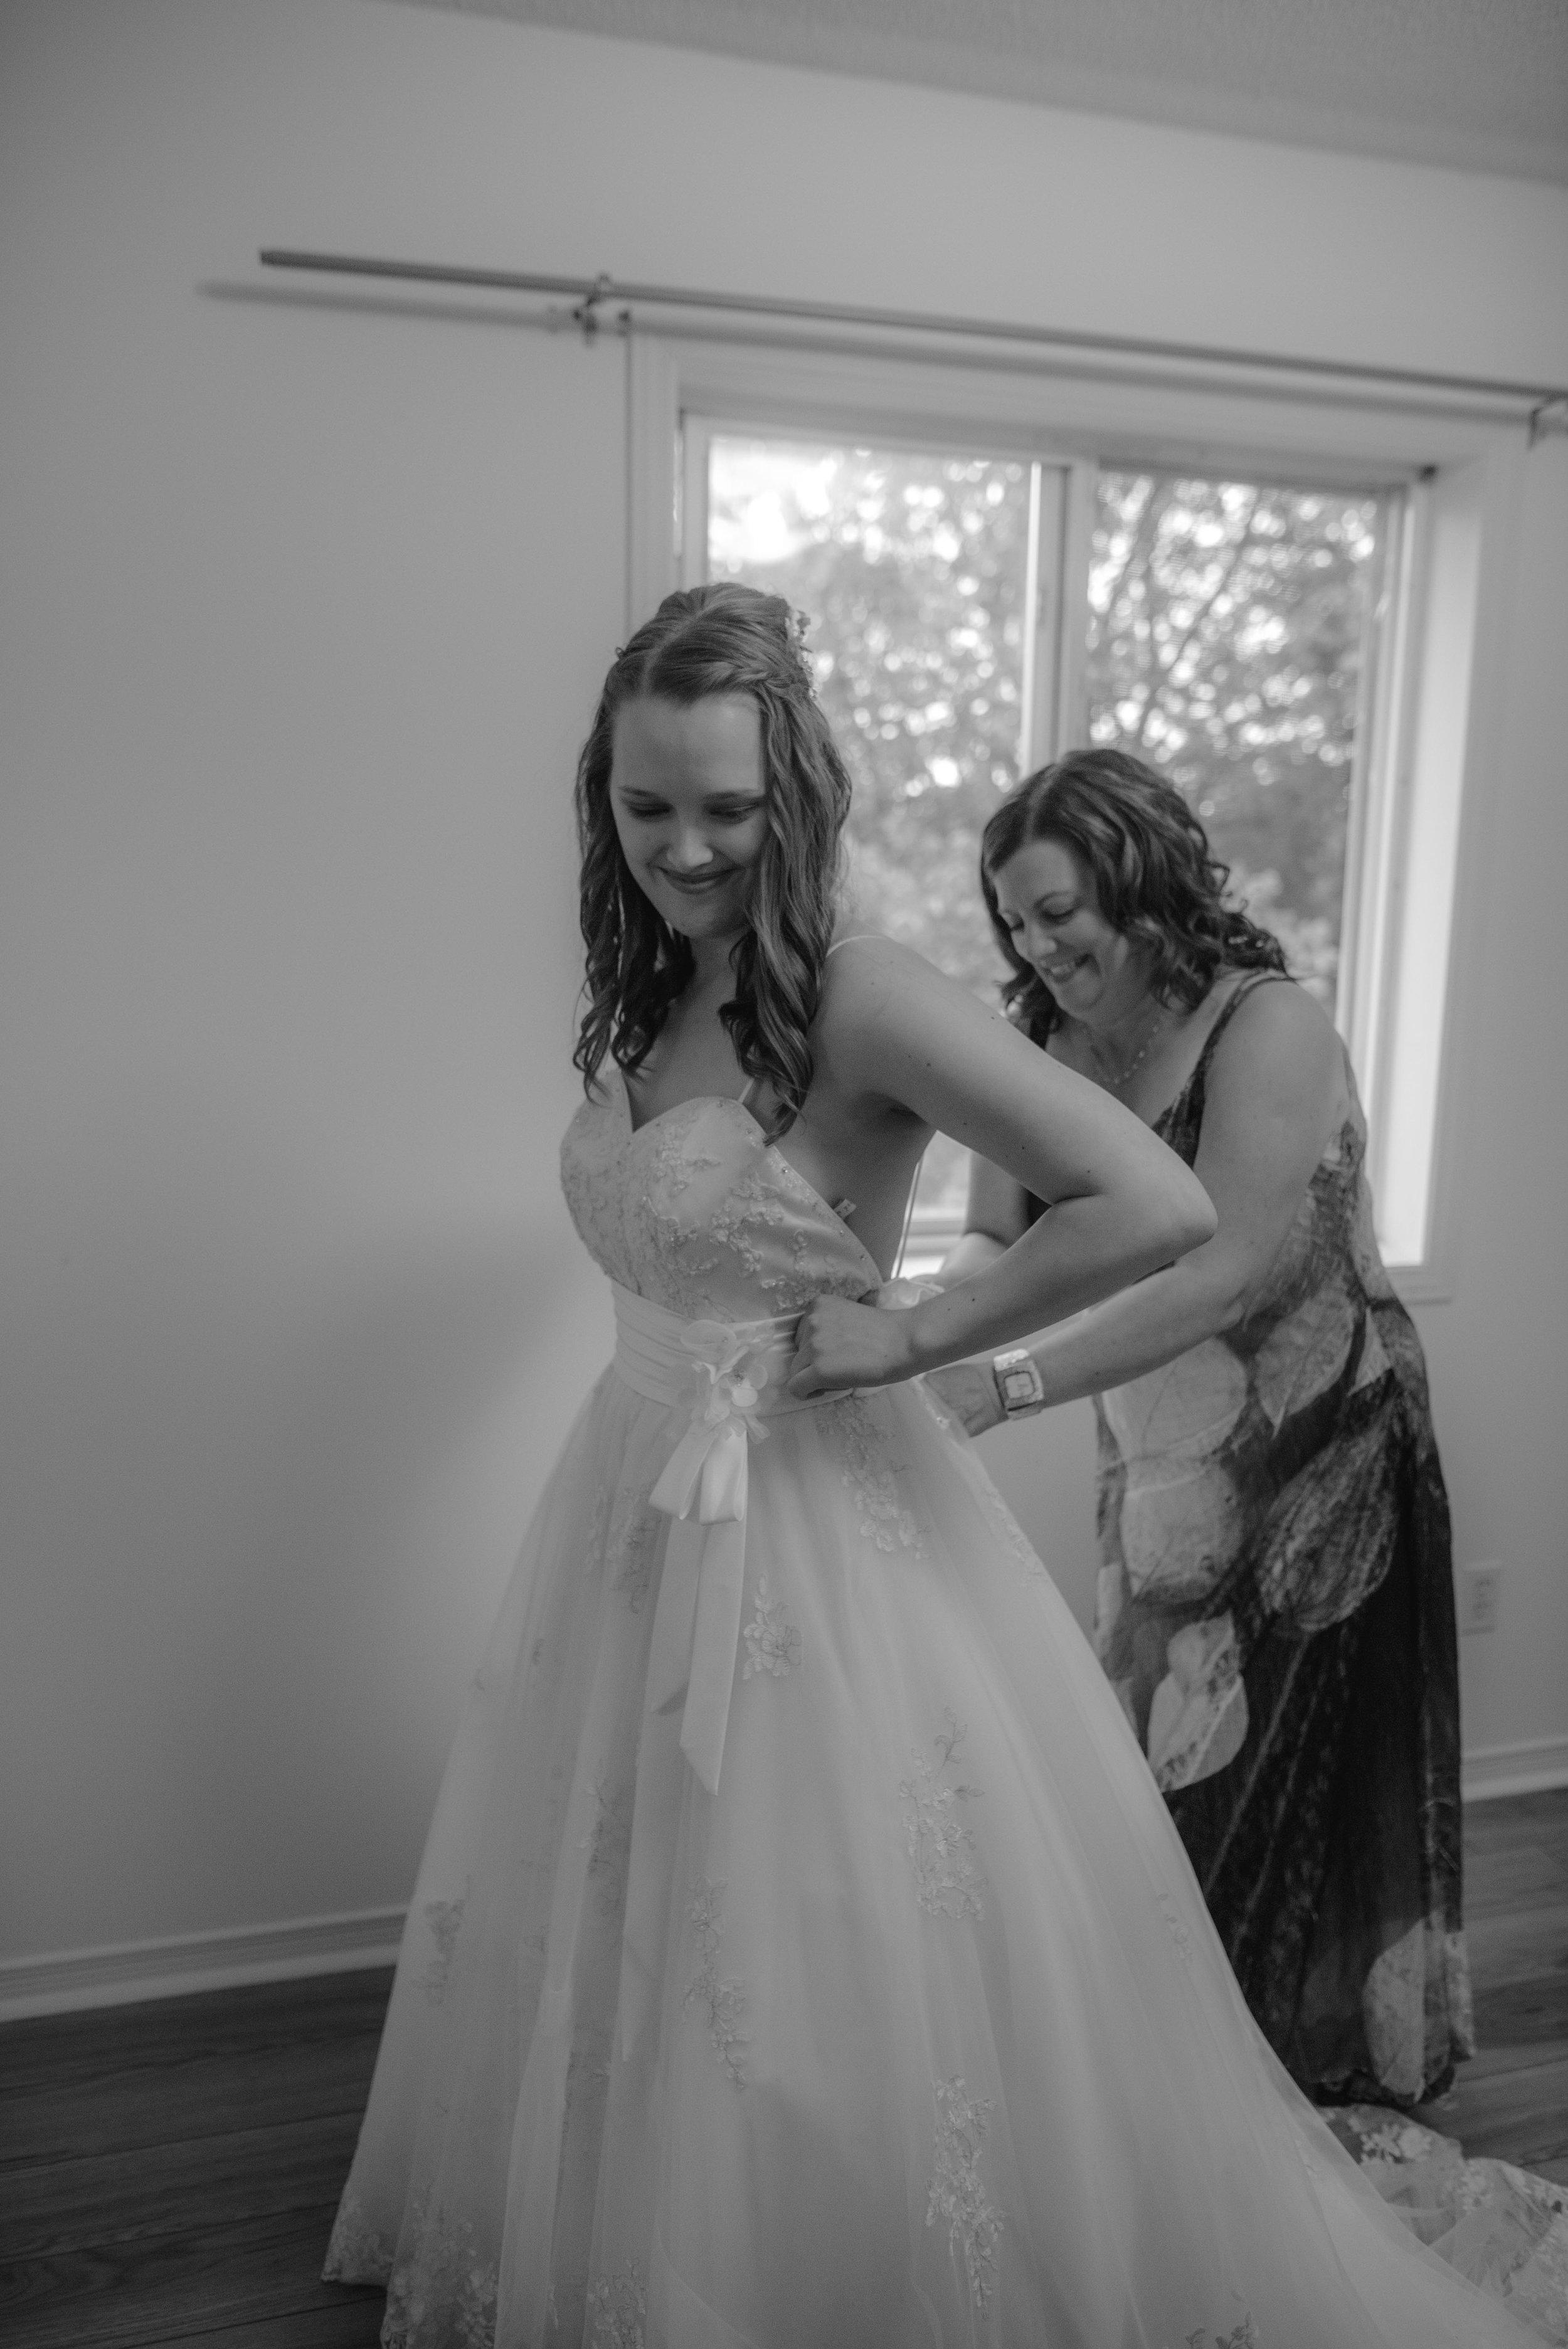 wedding_photographer_lifestyle_documentary_photographe_ottawa_gatineau-43.jpg